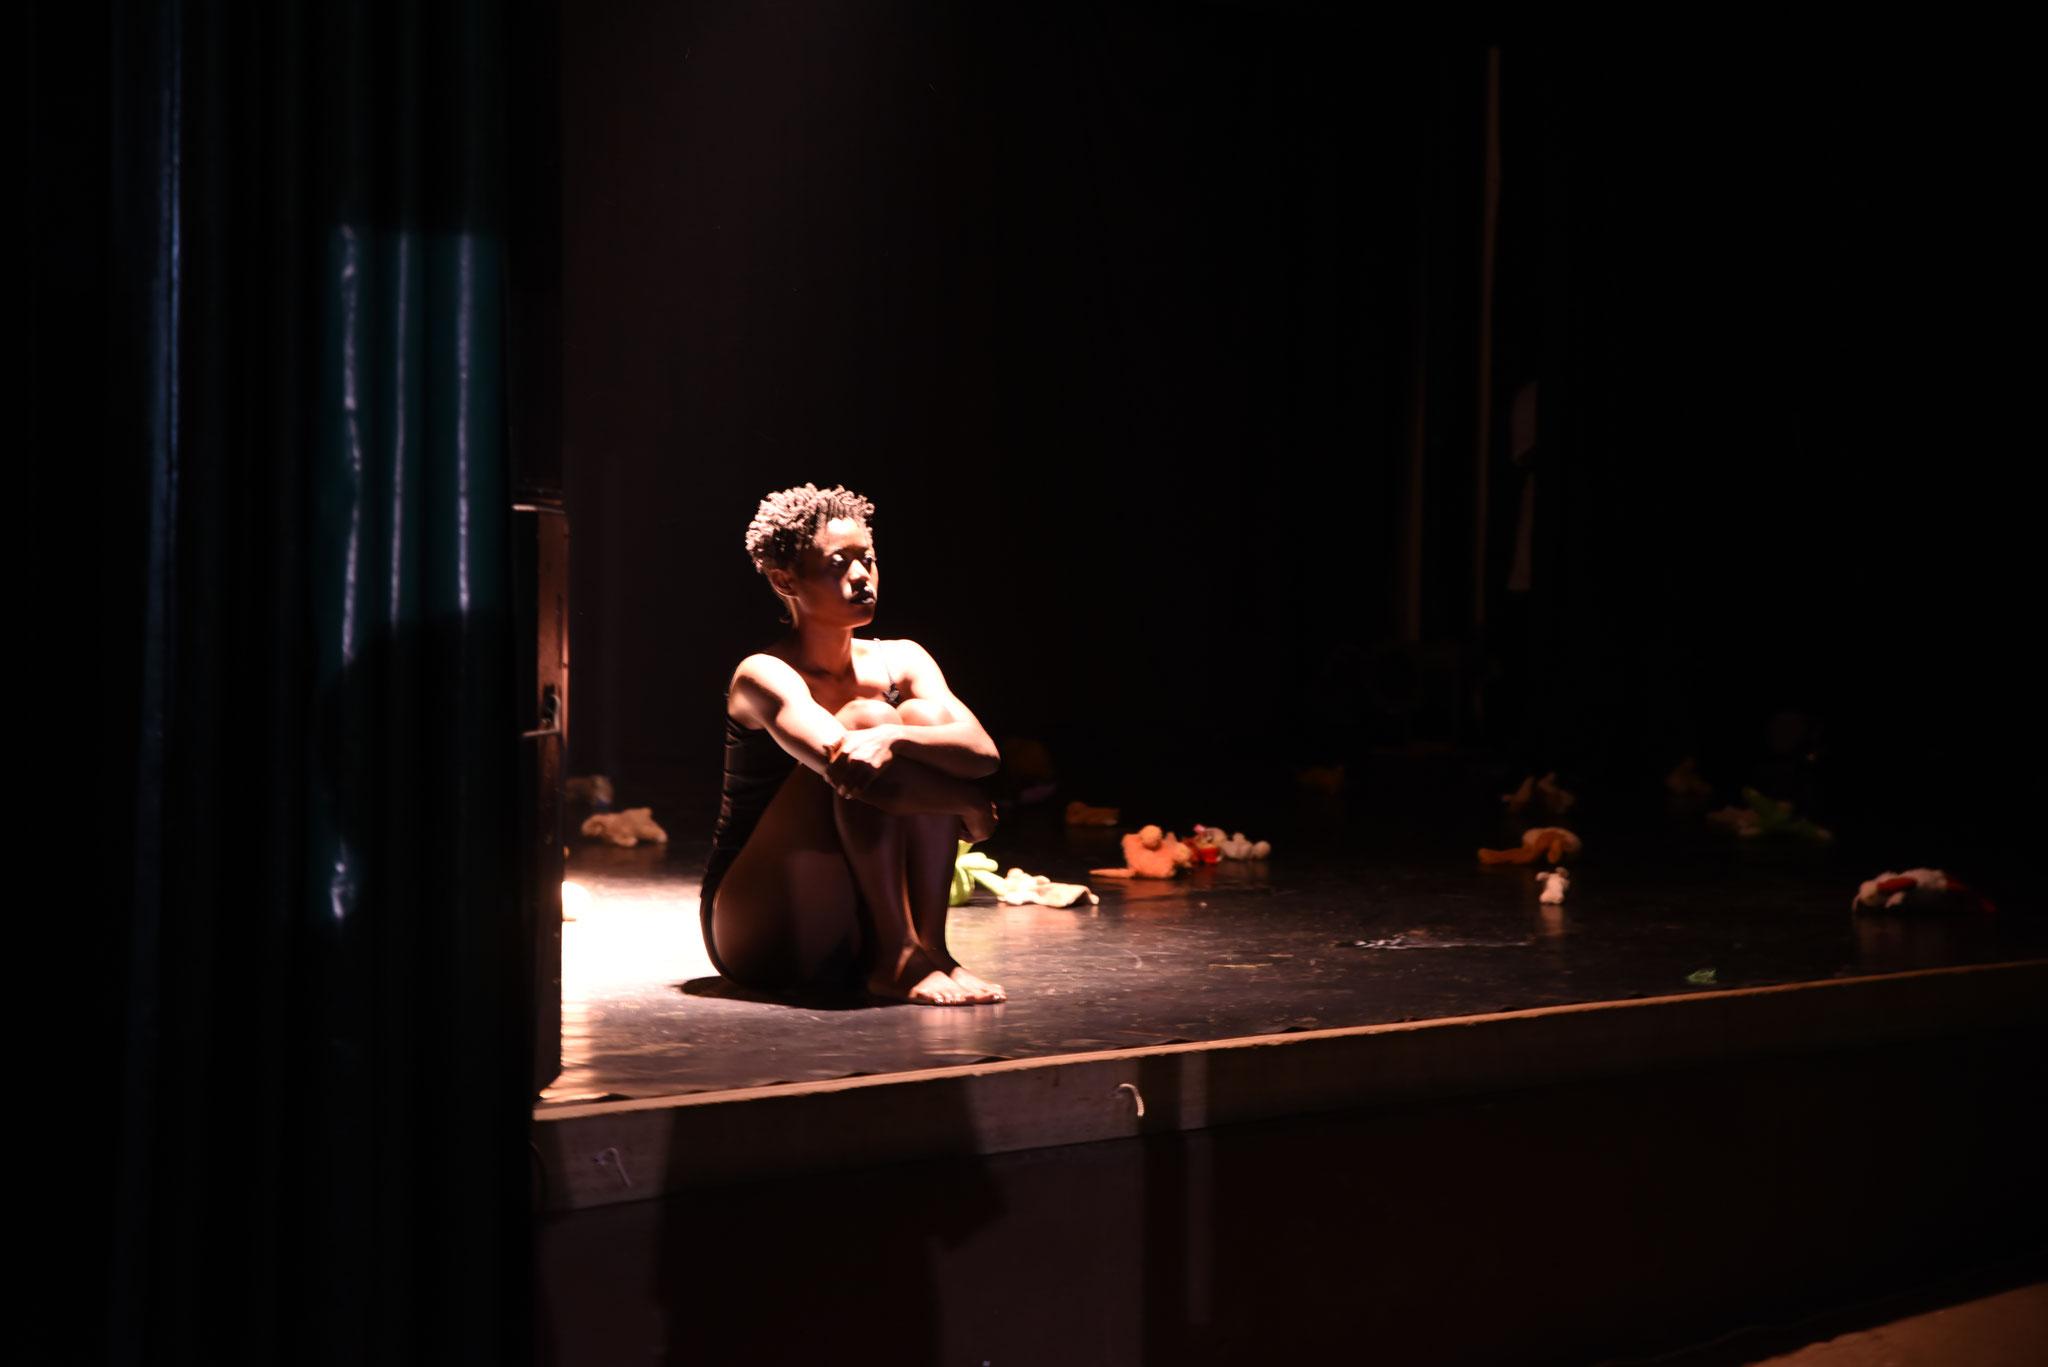 Vanaissance (Un cri dans la nuit) Performance by Christian Etongo (with Gabriella Badjeck) 2016